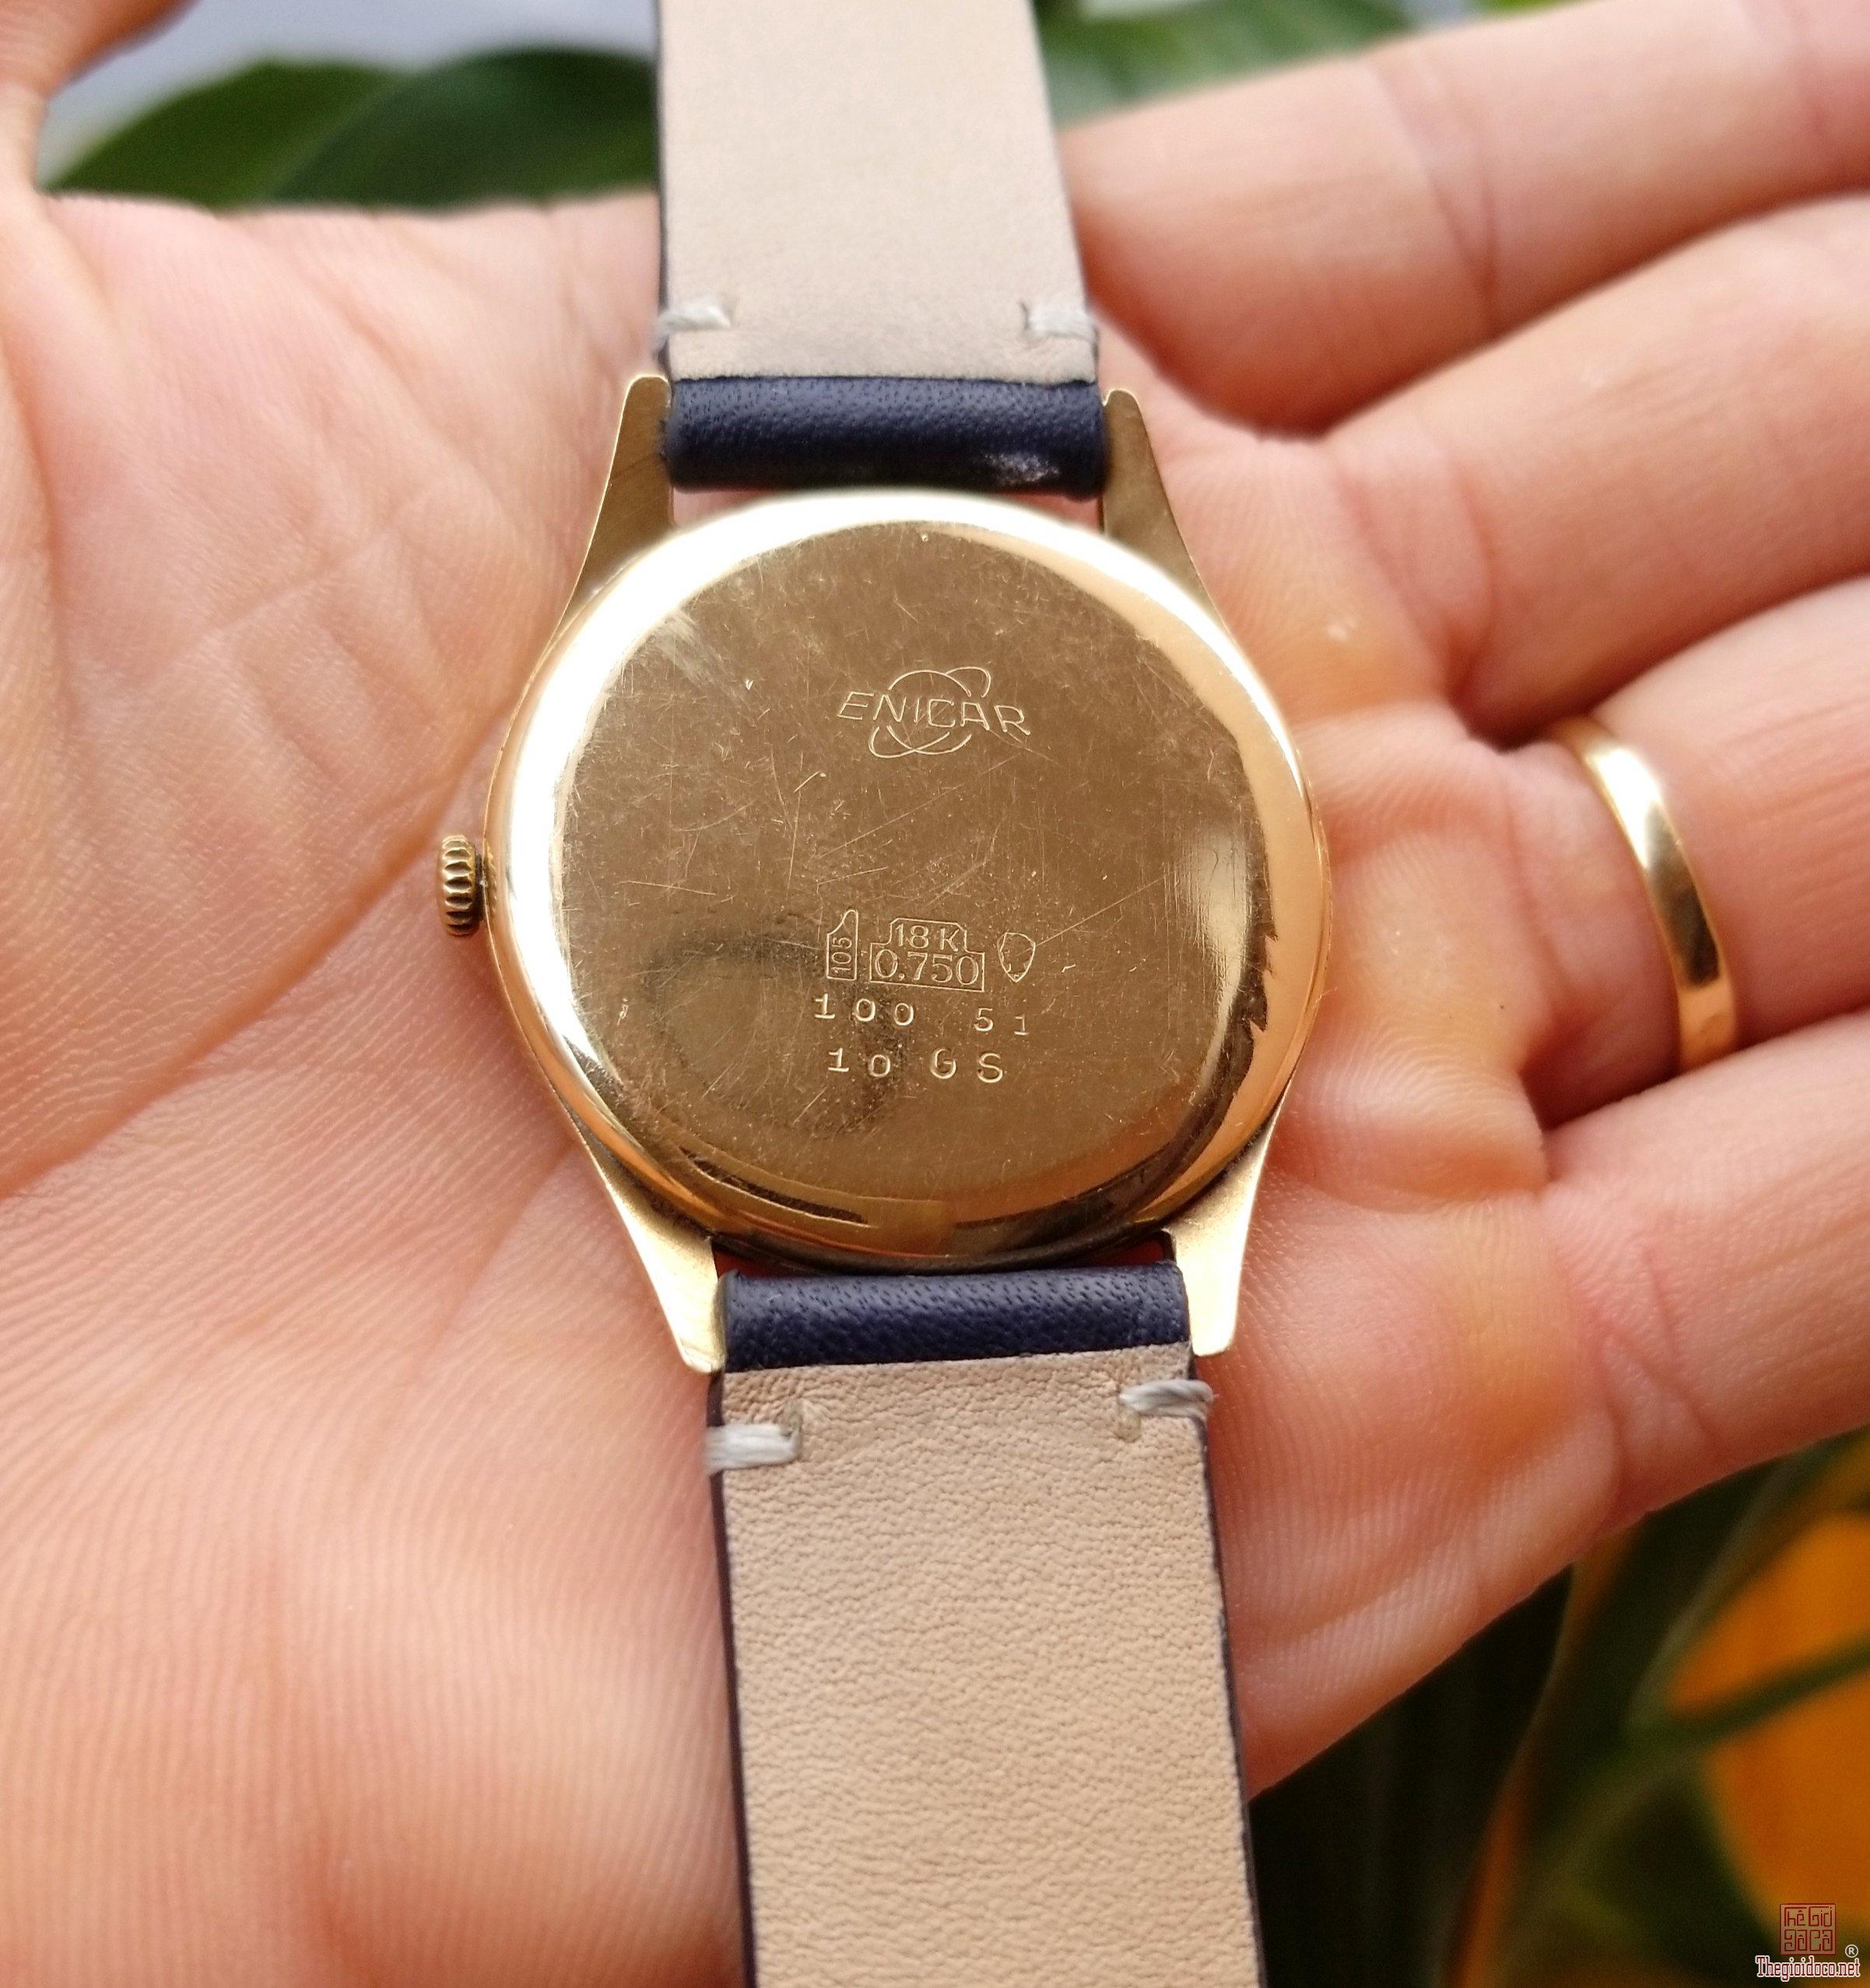 Đồng hồ xưa lên dây ENICAR 750 Thụy Sỹ